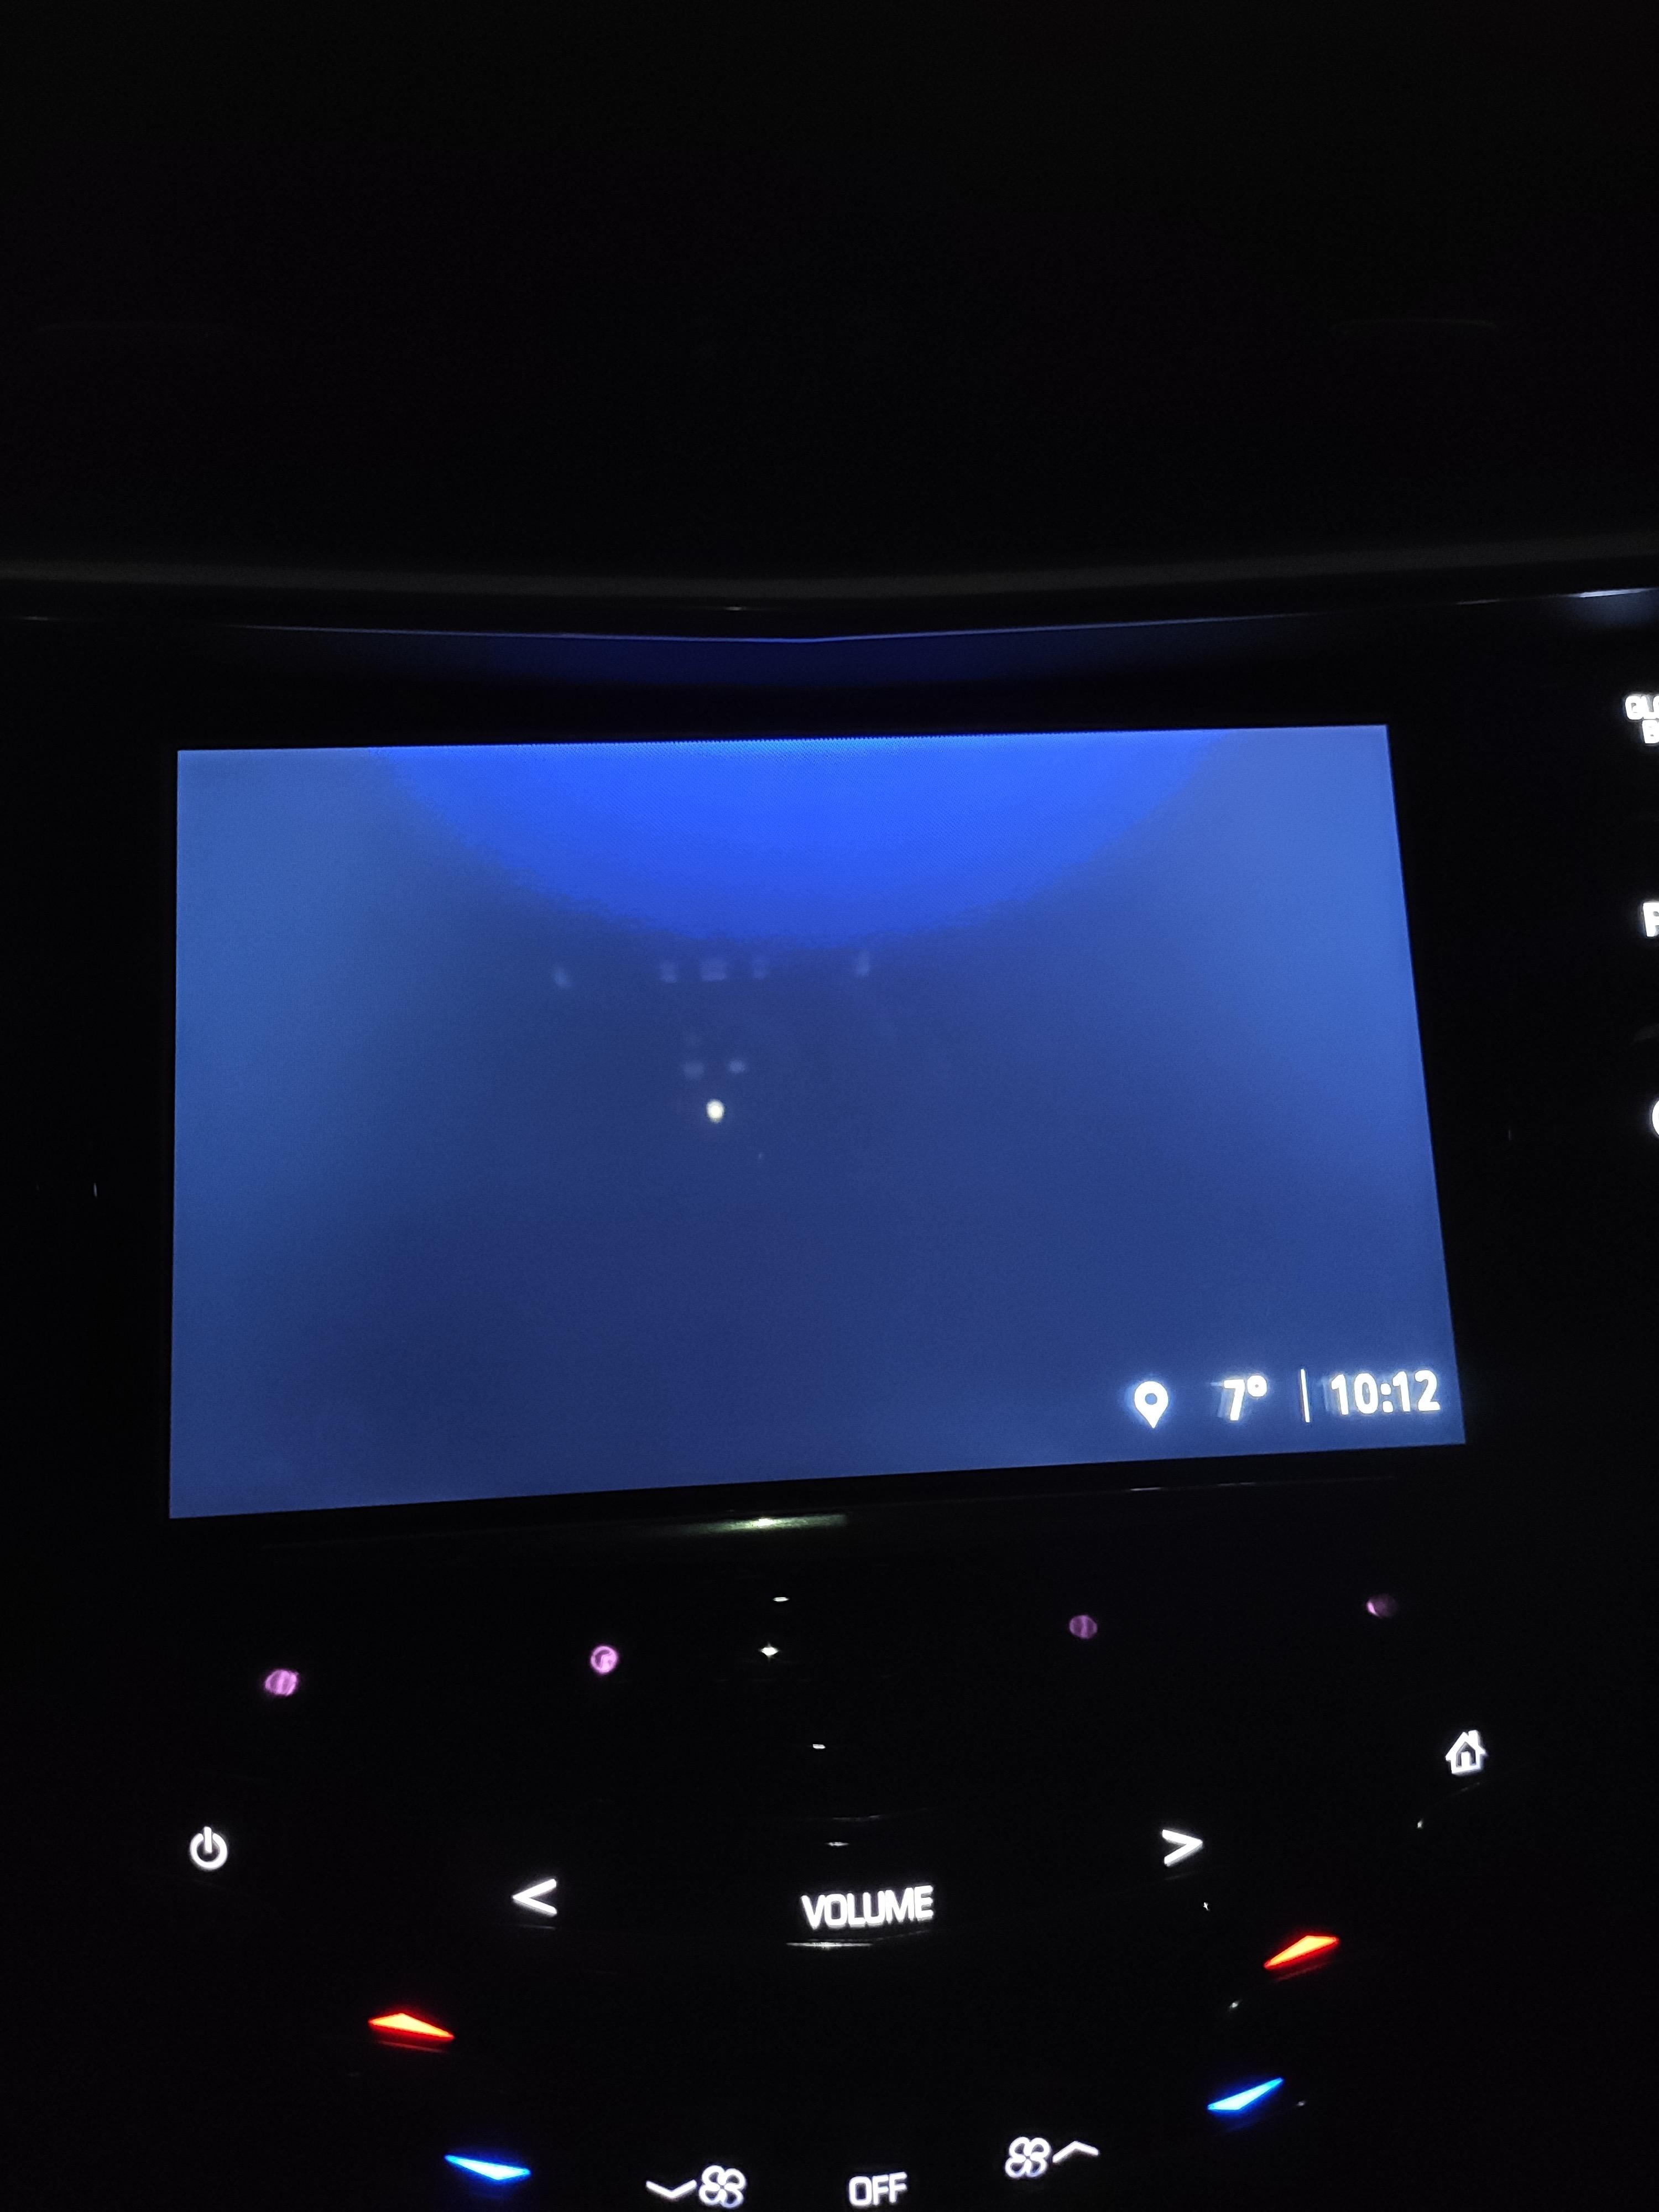 上汽通用凯迪拉克-XTS车辆多处出现质量问题